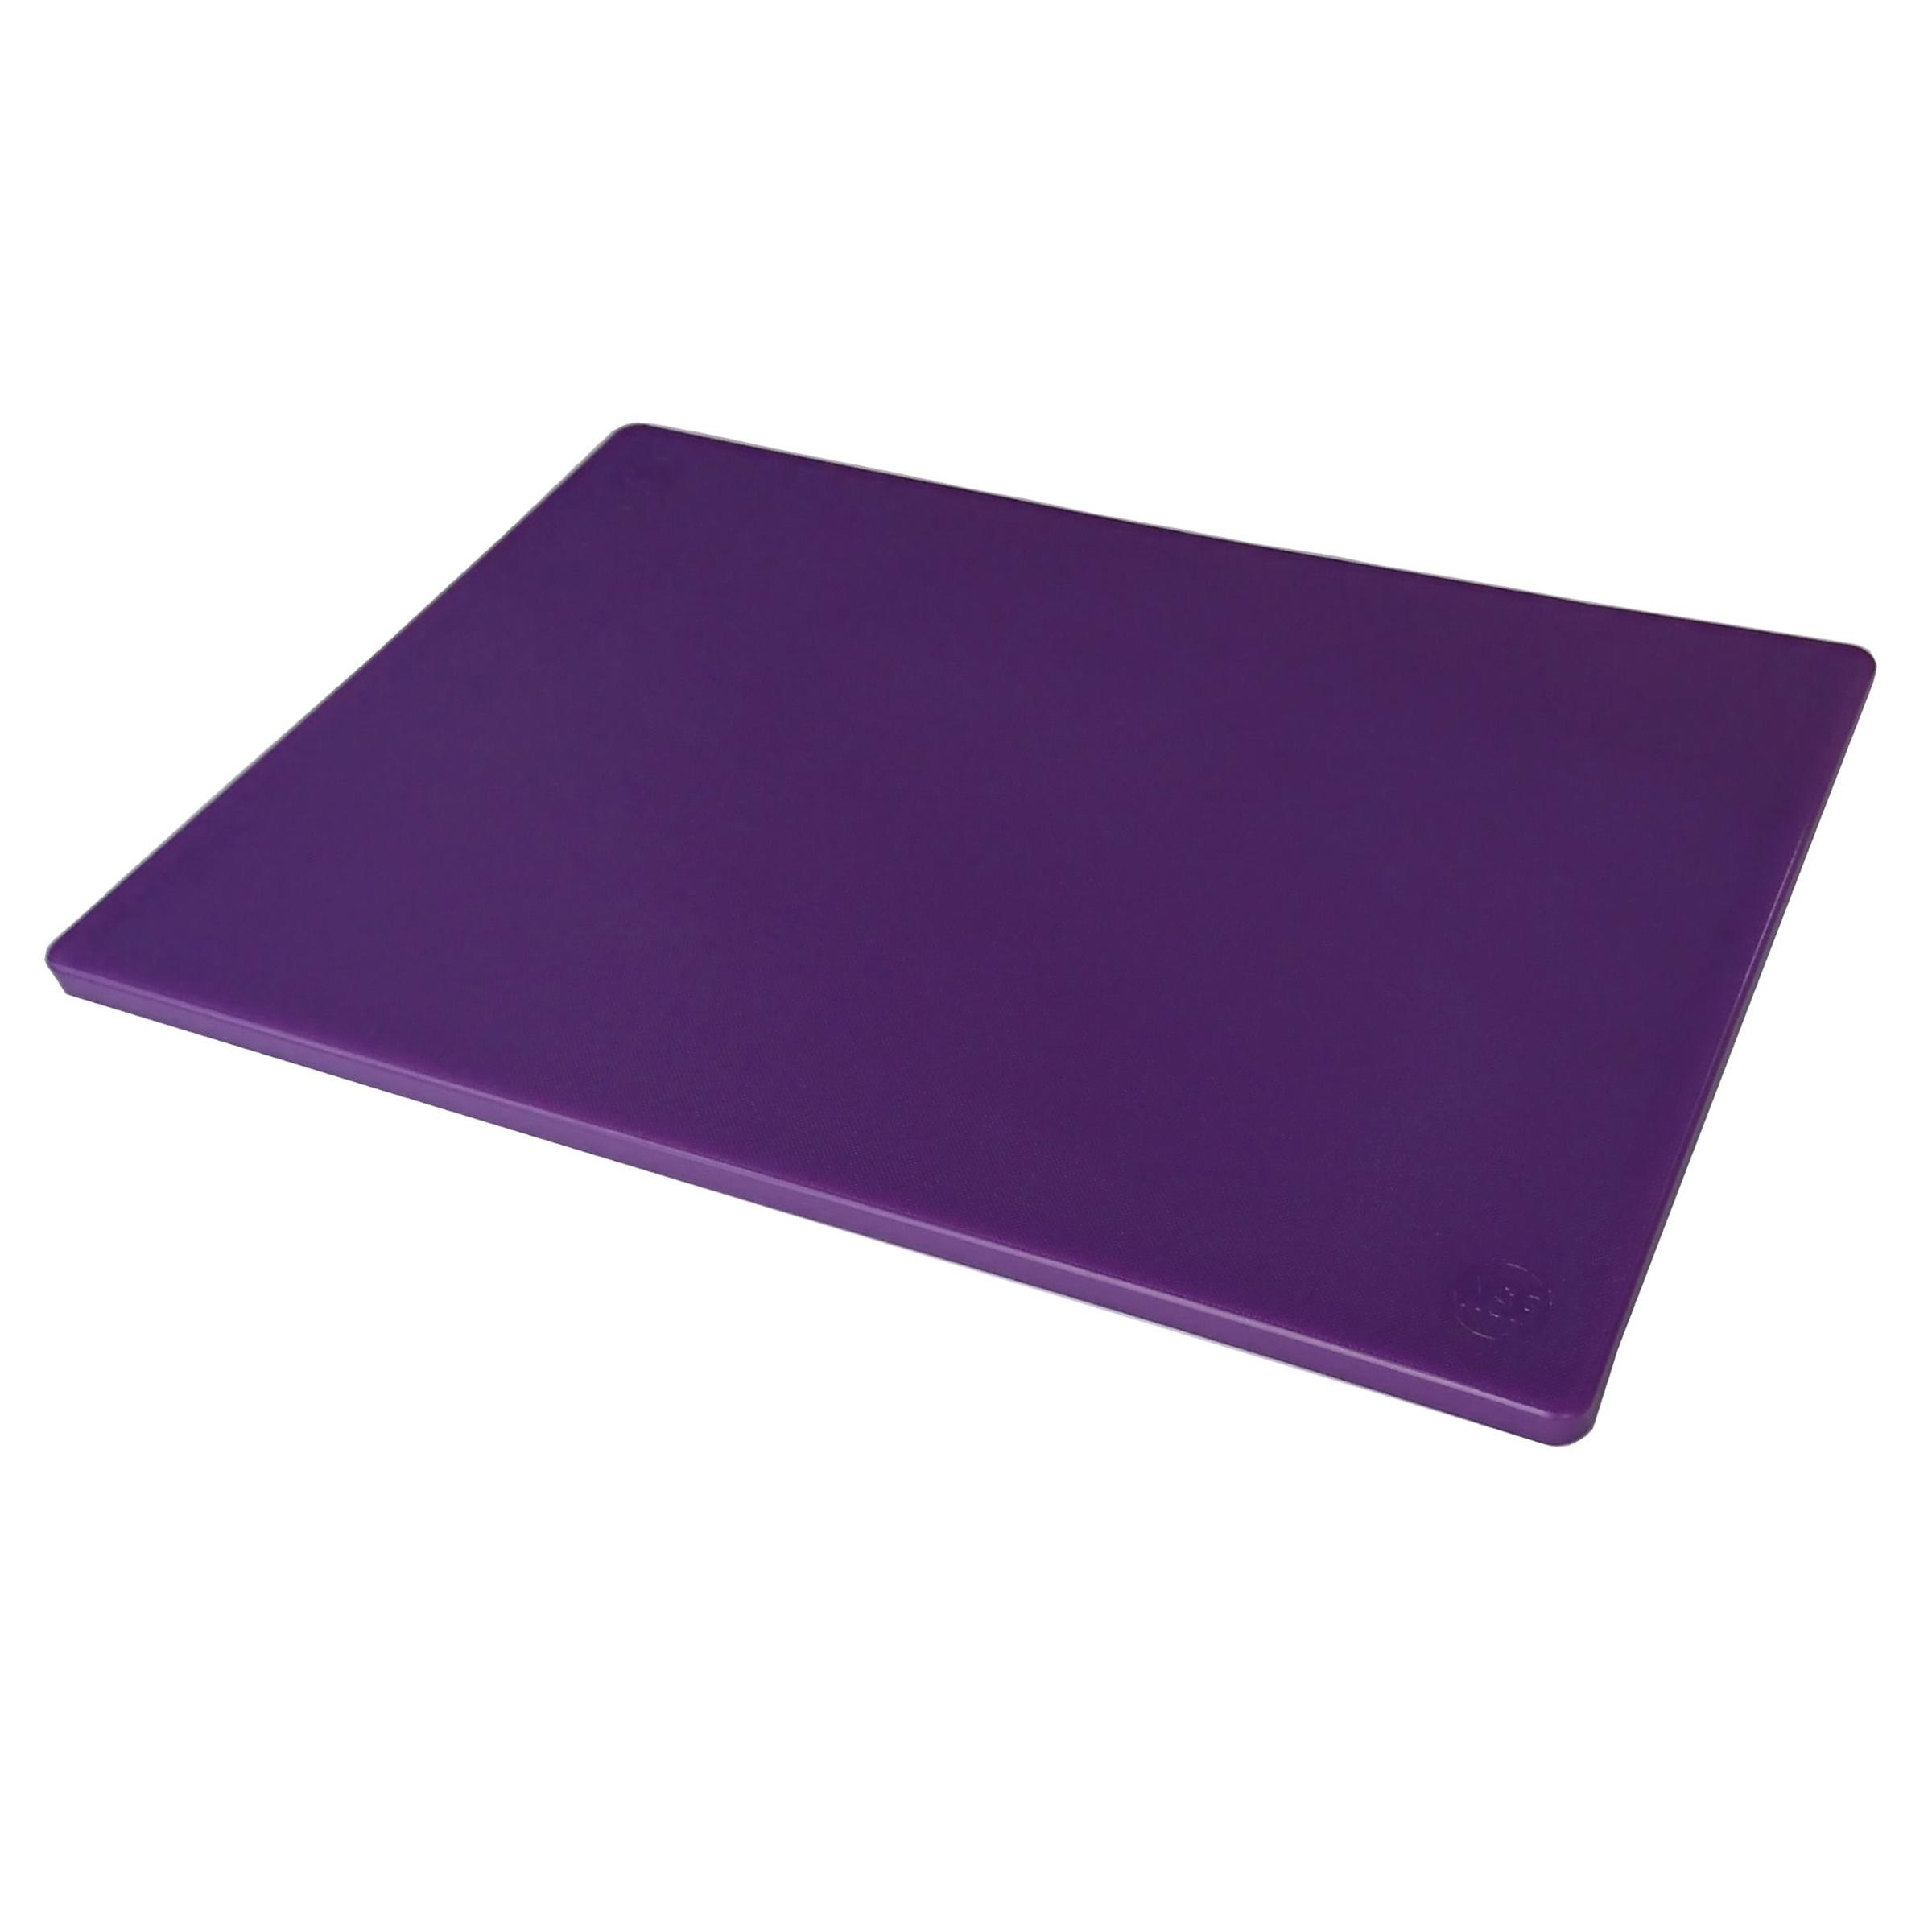 Omcan 44277 smallwares > restaurant essential > pre-cut rigid cutting boards